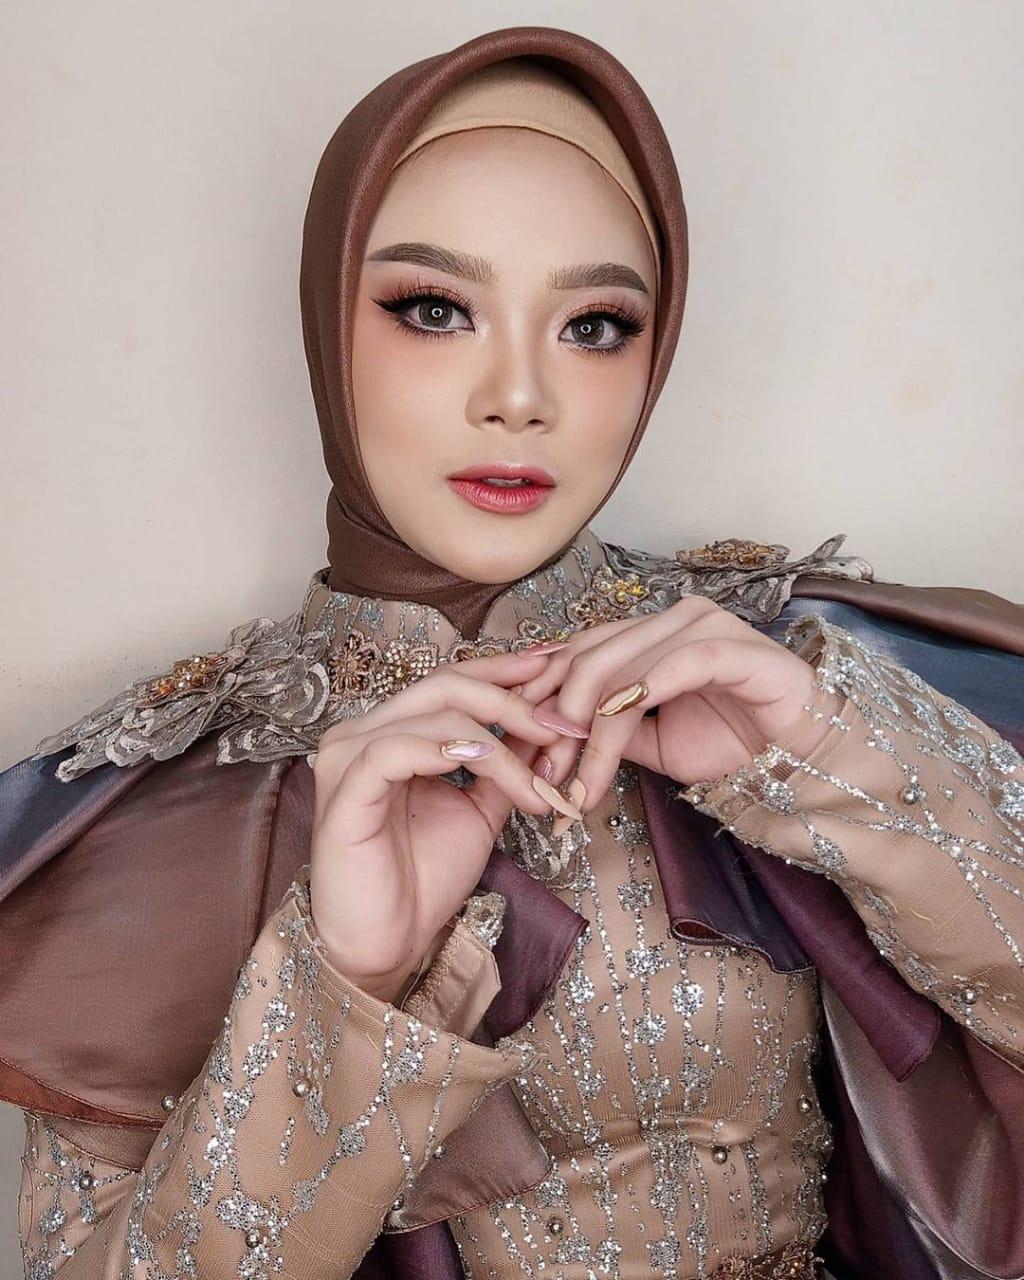 Agnes Cefira Marcelia, juara 2 di ajang kompetisi Pop Academy Indosiar. (Foto: Dok/Tugu Jatim)